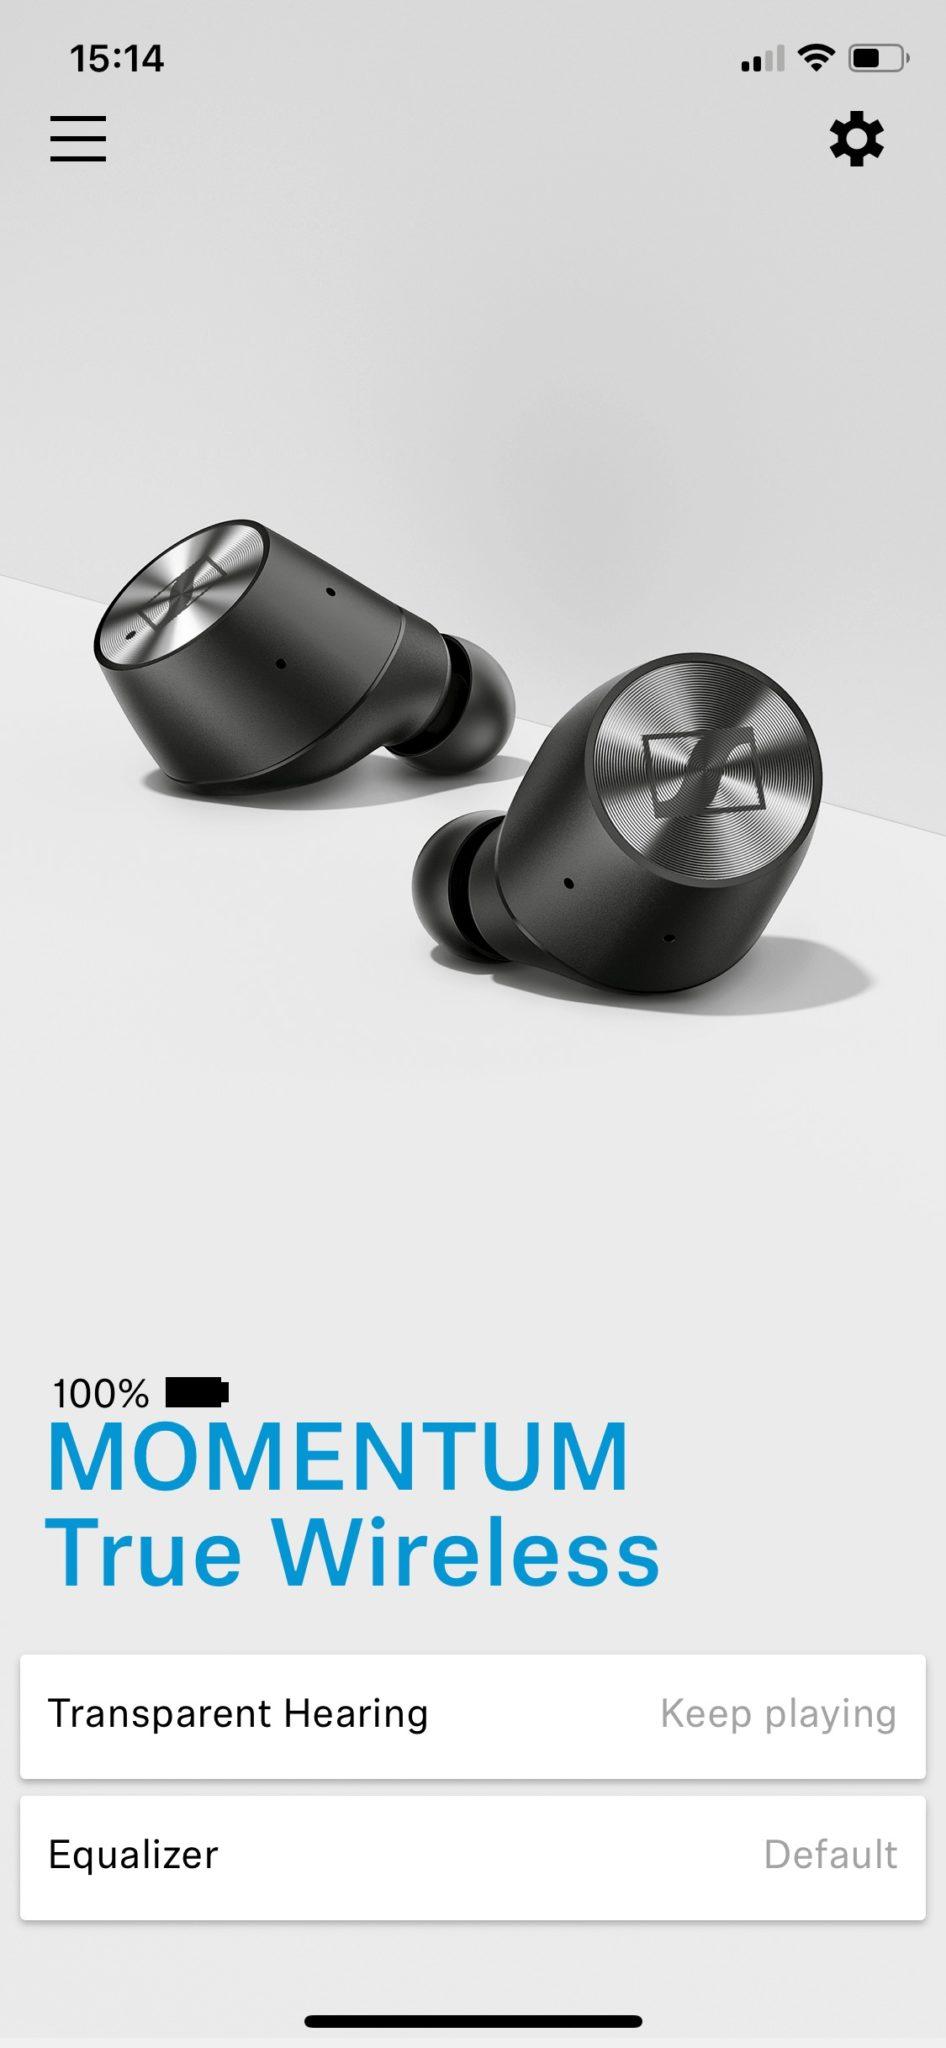 รีวิวหูฟังบลูทูธไร้สายแบบ Sennheiser Momentum True Wireless ดูดีมีคลาสสุดใน 2019 33 - bluetooth